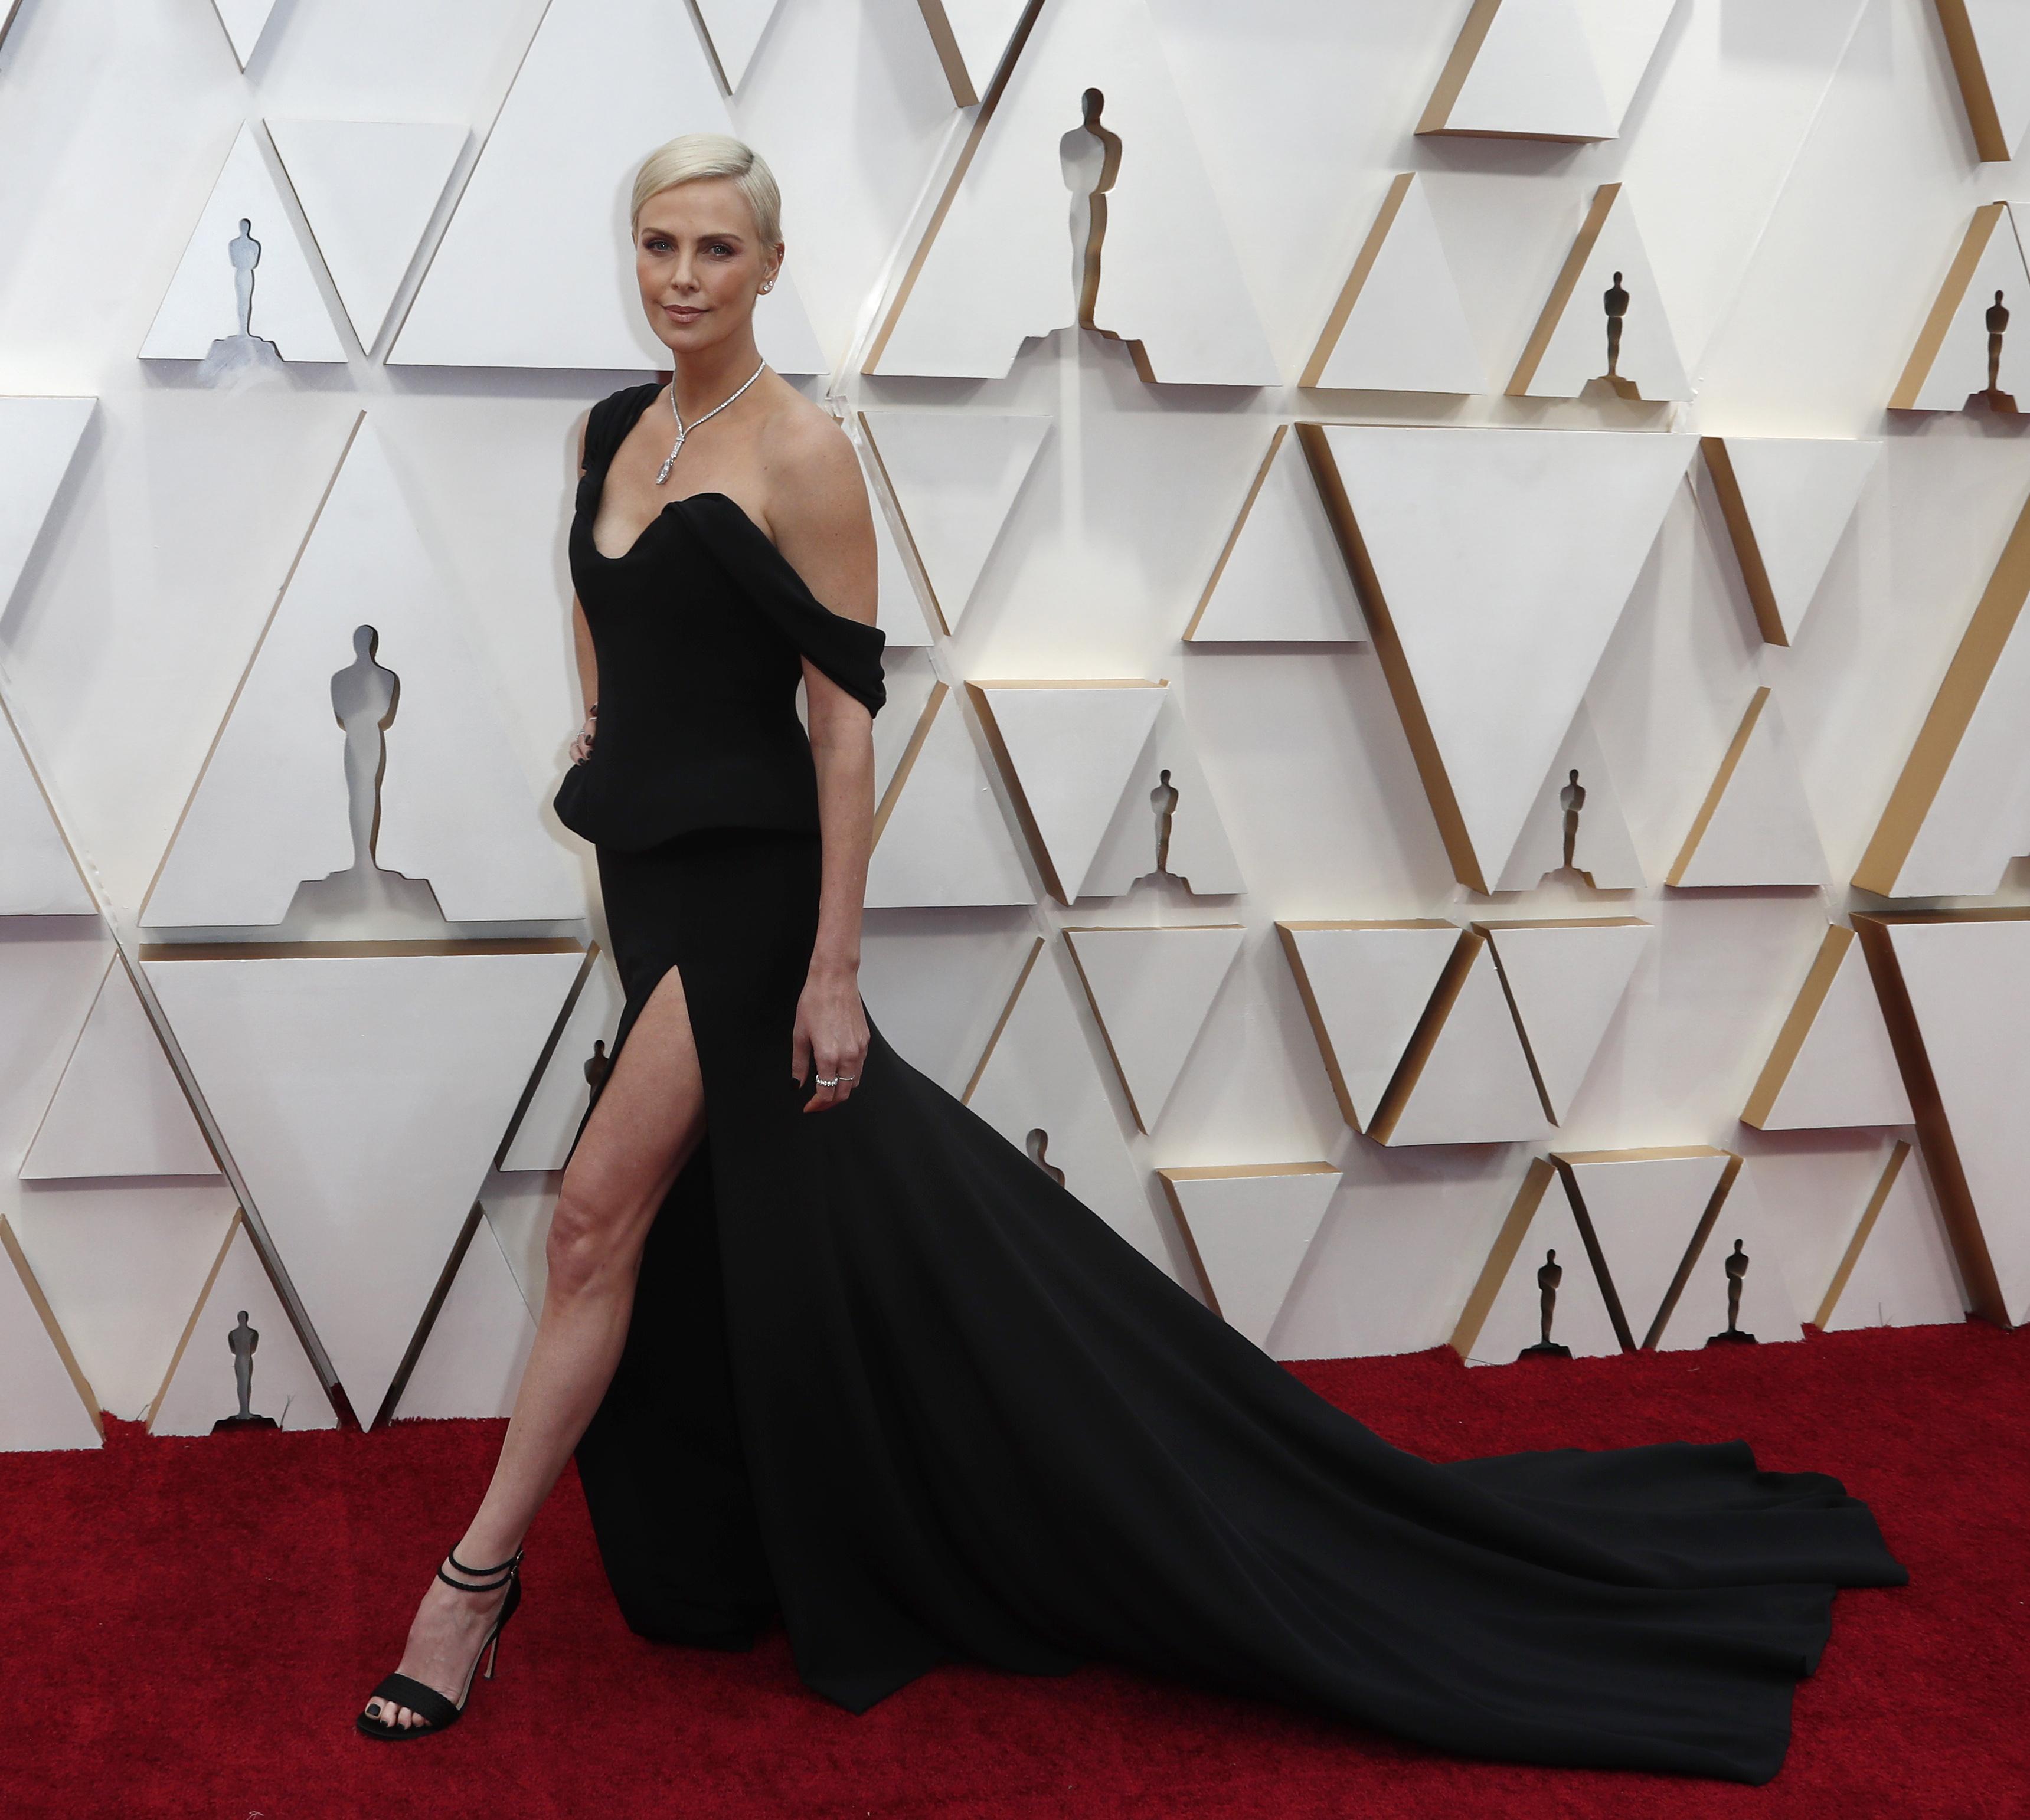 De un solo hombro y gran tajo, Charlize Theron eligió al color negro para los Oscars en su edición número 92. Con sandalias de doble pulsera y la tendencia de peplum en su vestido, la actriz llegó a la red carpet más esperada del año